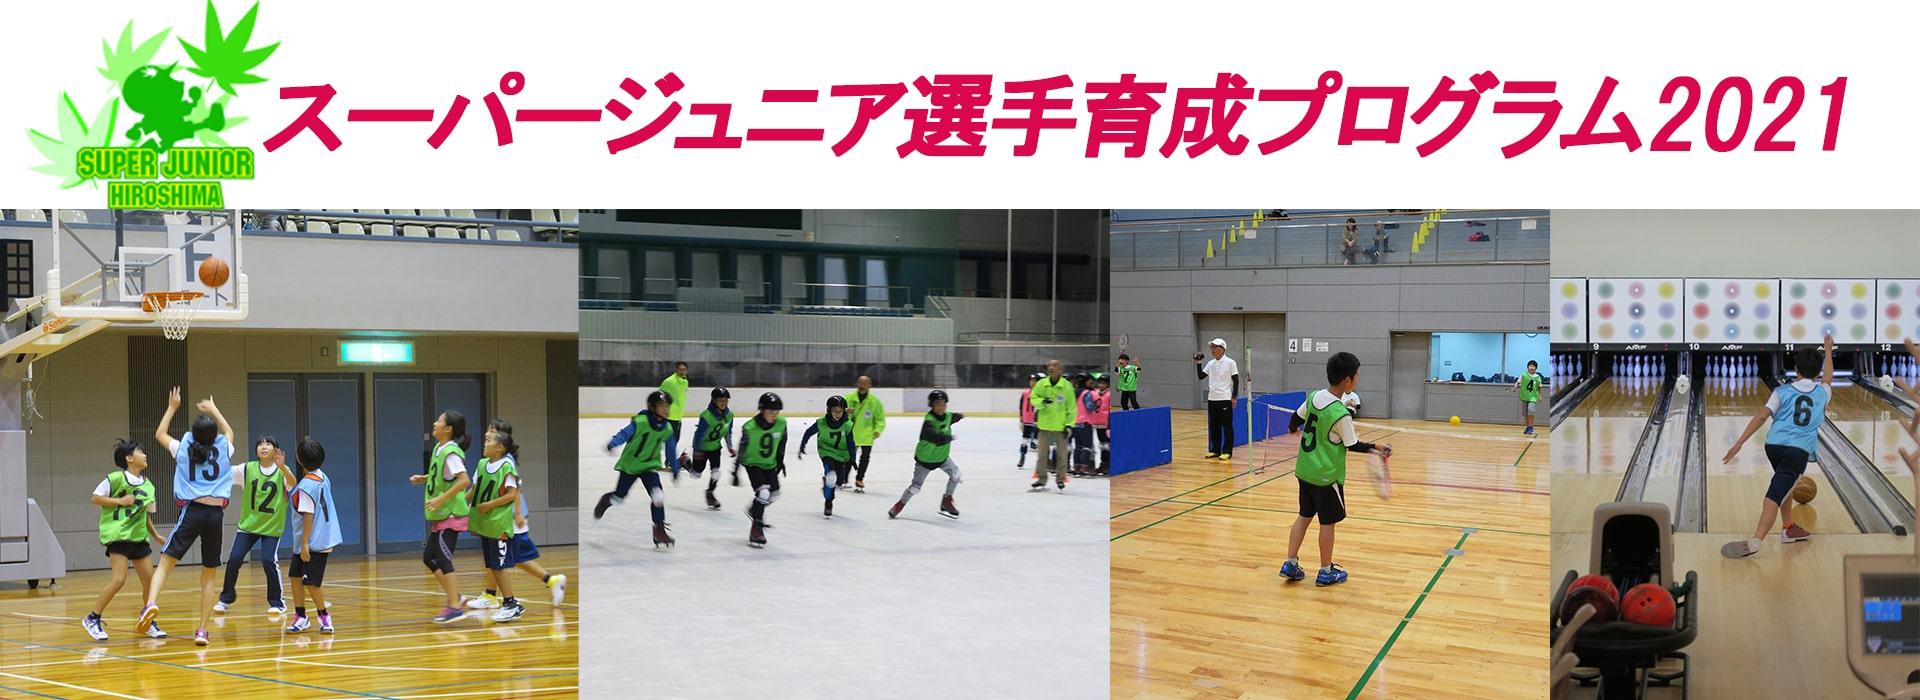 スーパージュニア選手育成プログラム2021